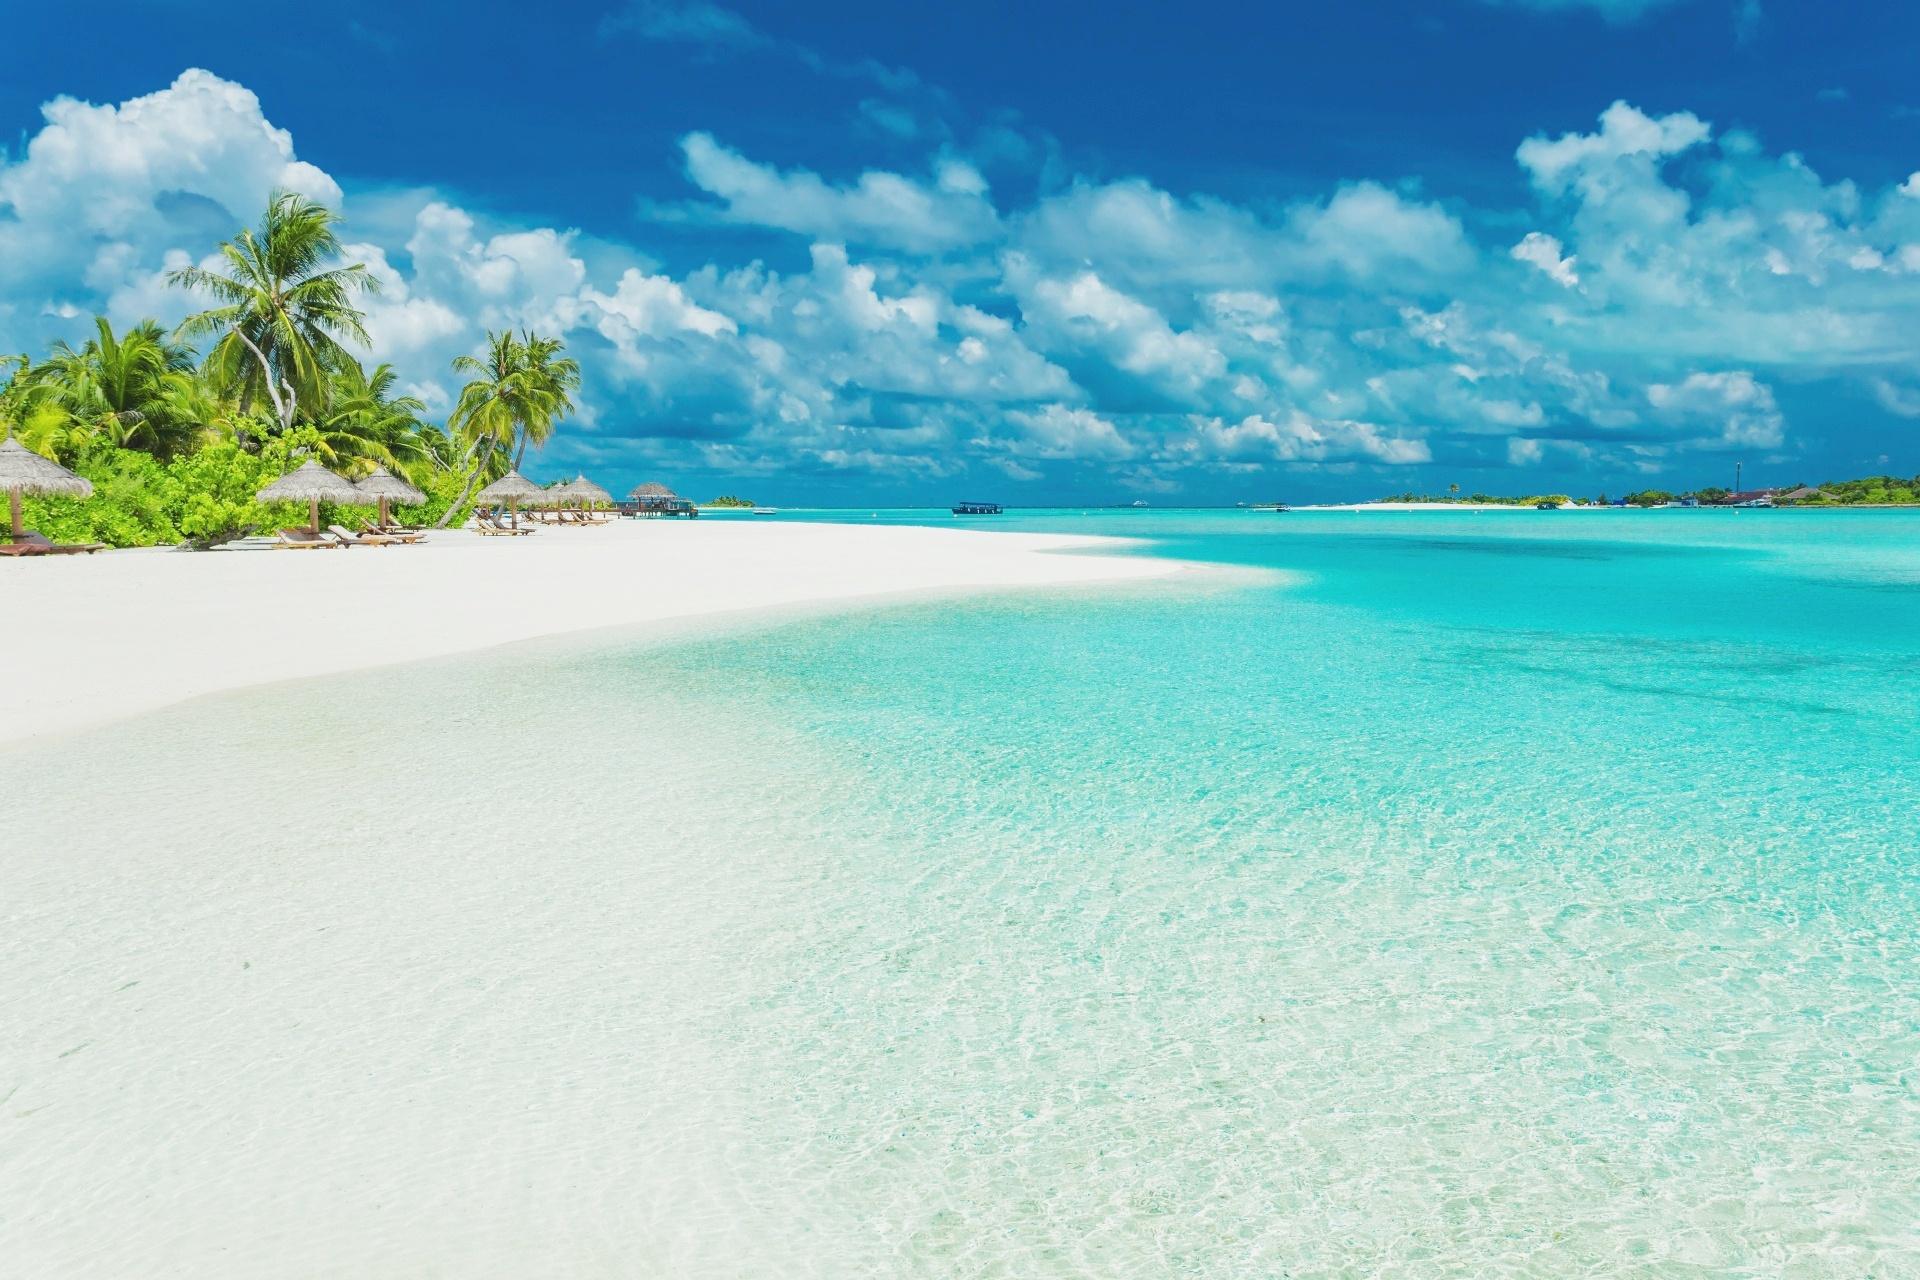 青い海と美しい砂浜の続くモルディブの風景